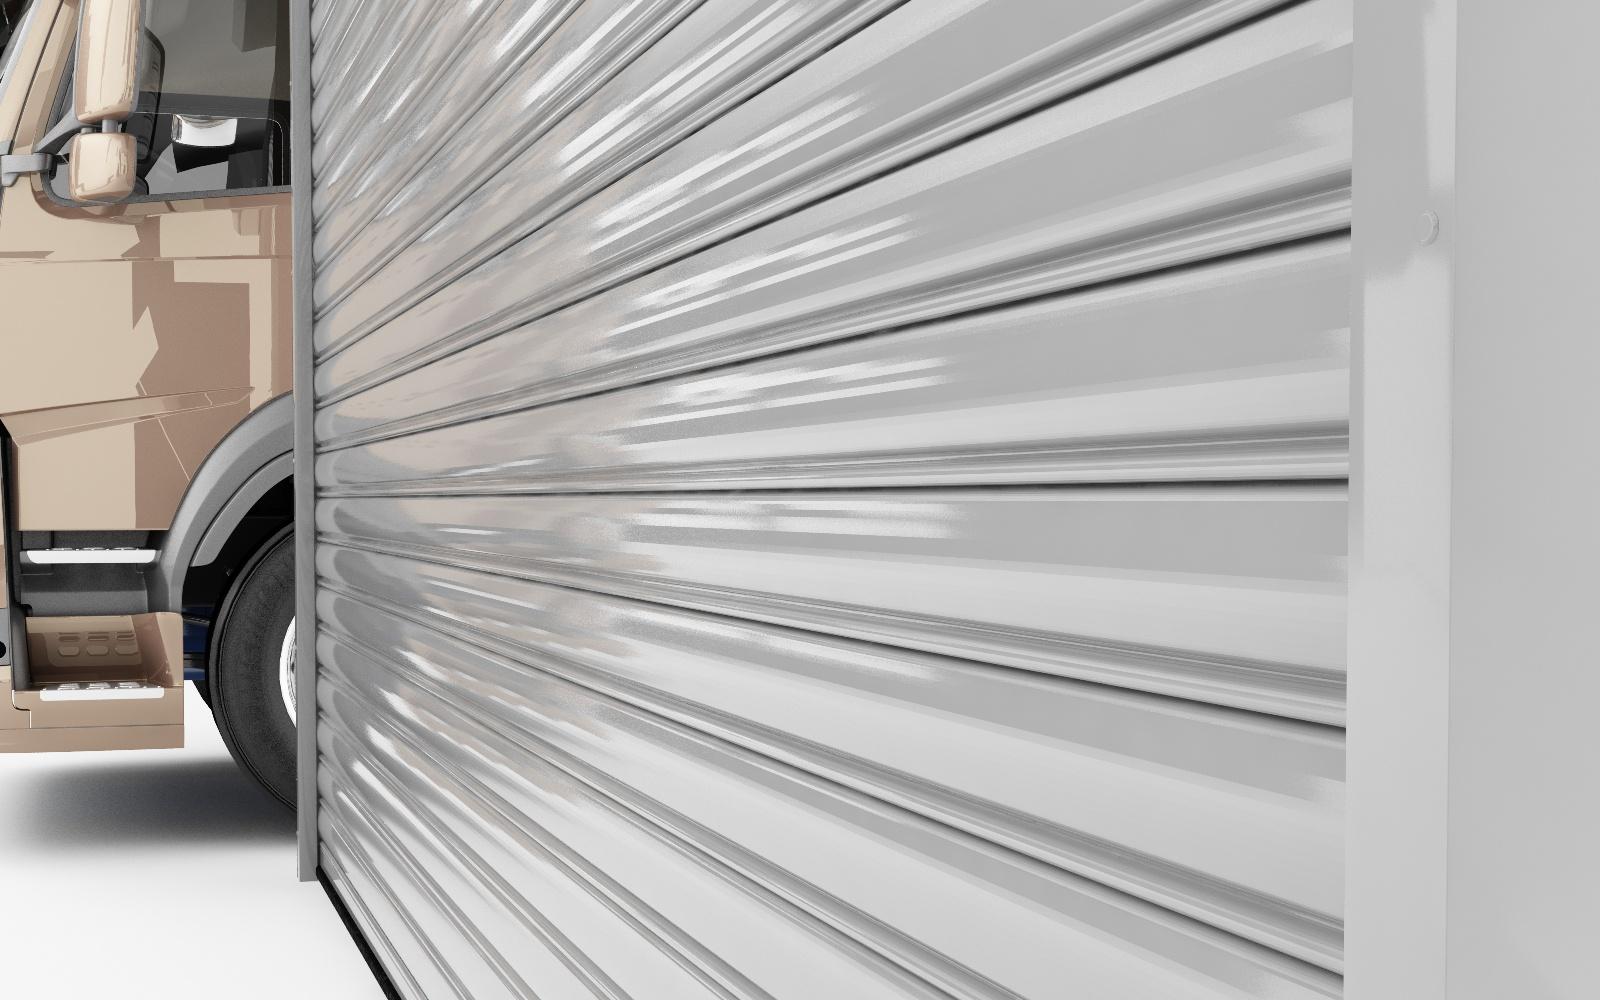 דלתות גלילה חשמליים למחסן חנויות תריסי גלילה לבית העסק שלט רחוק לשער חשמל